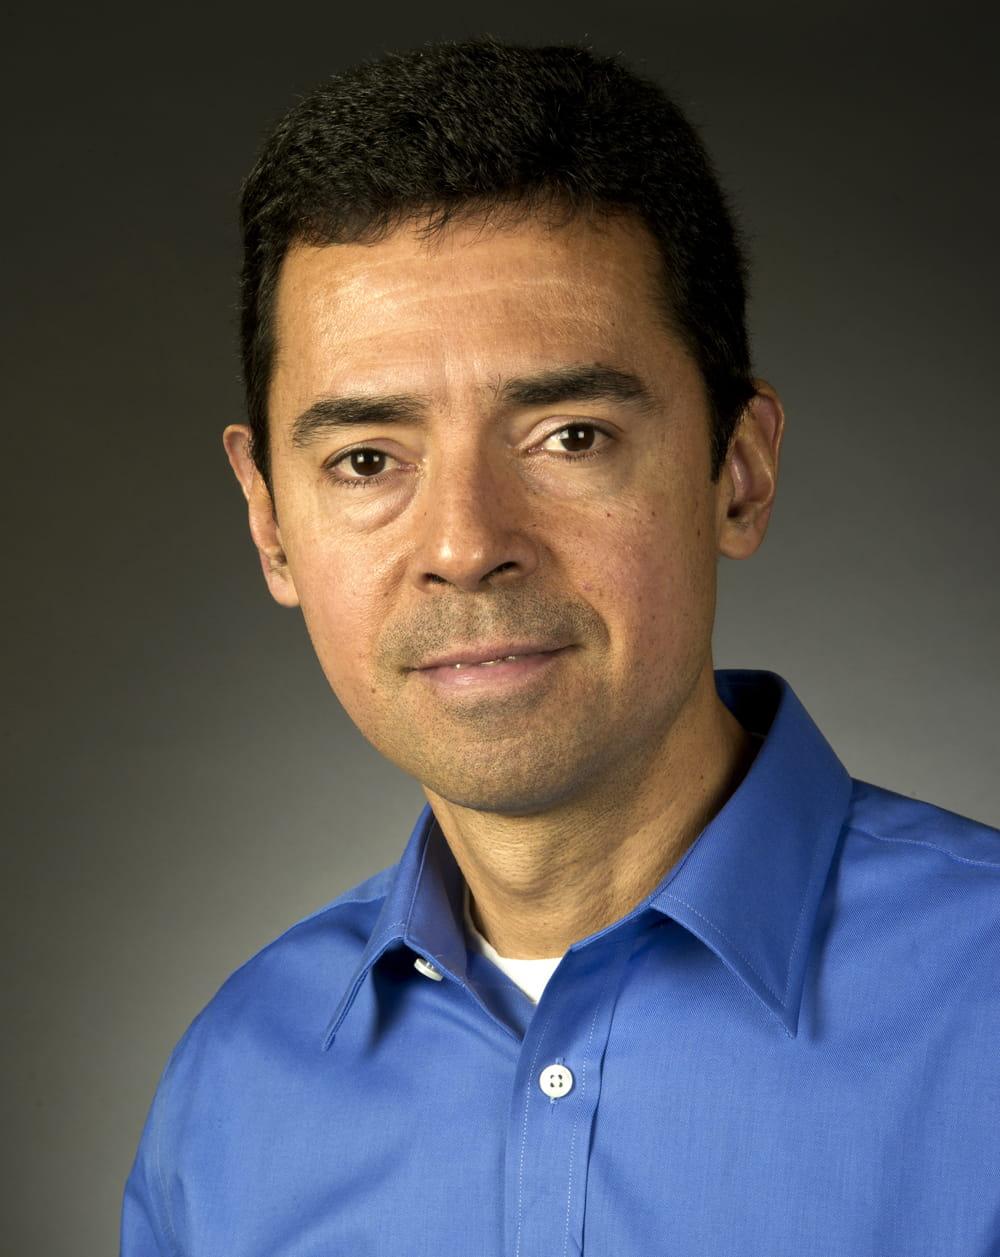 Dr. Miguel Amaya